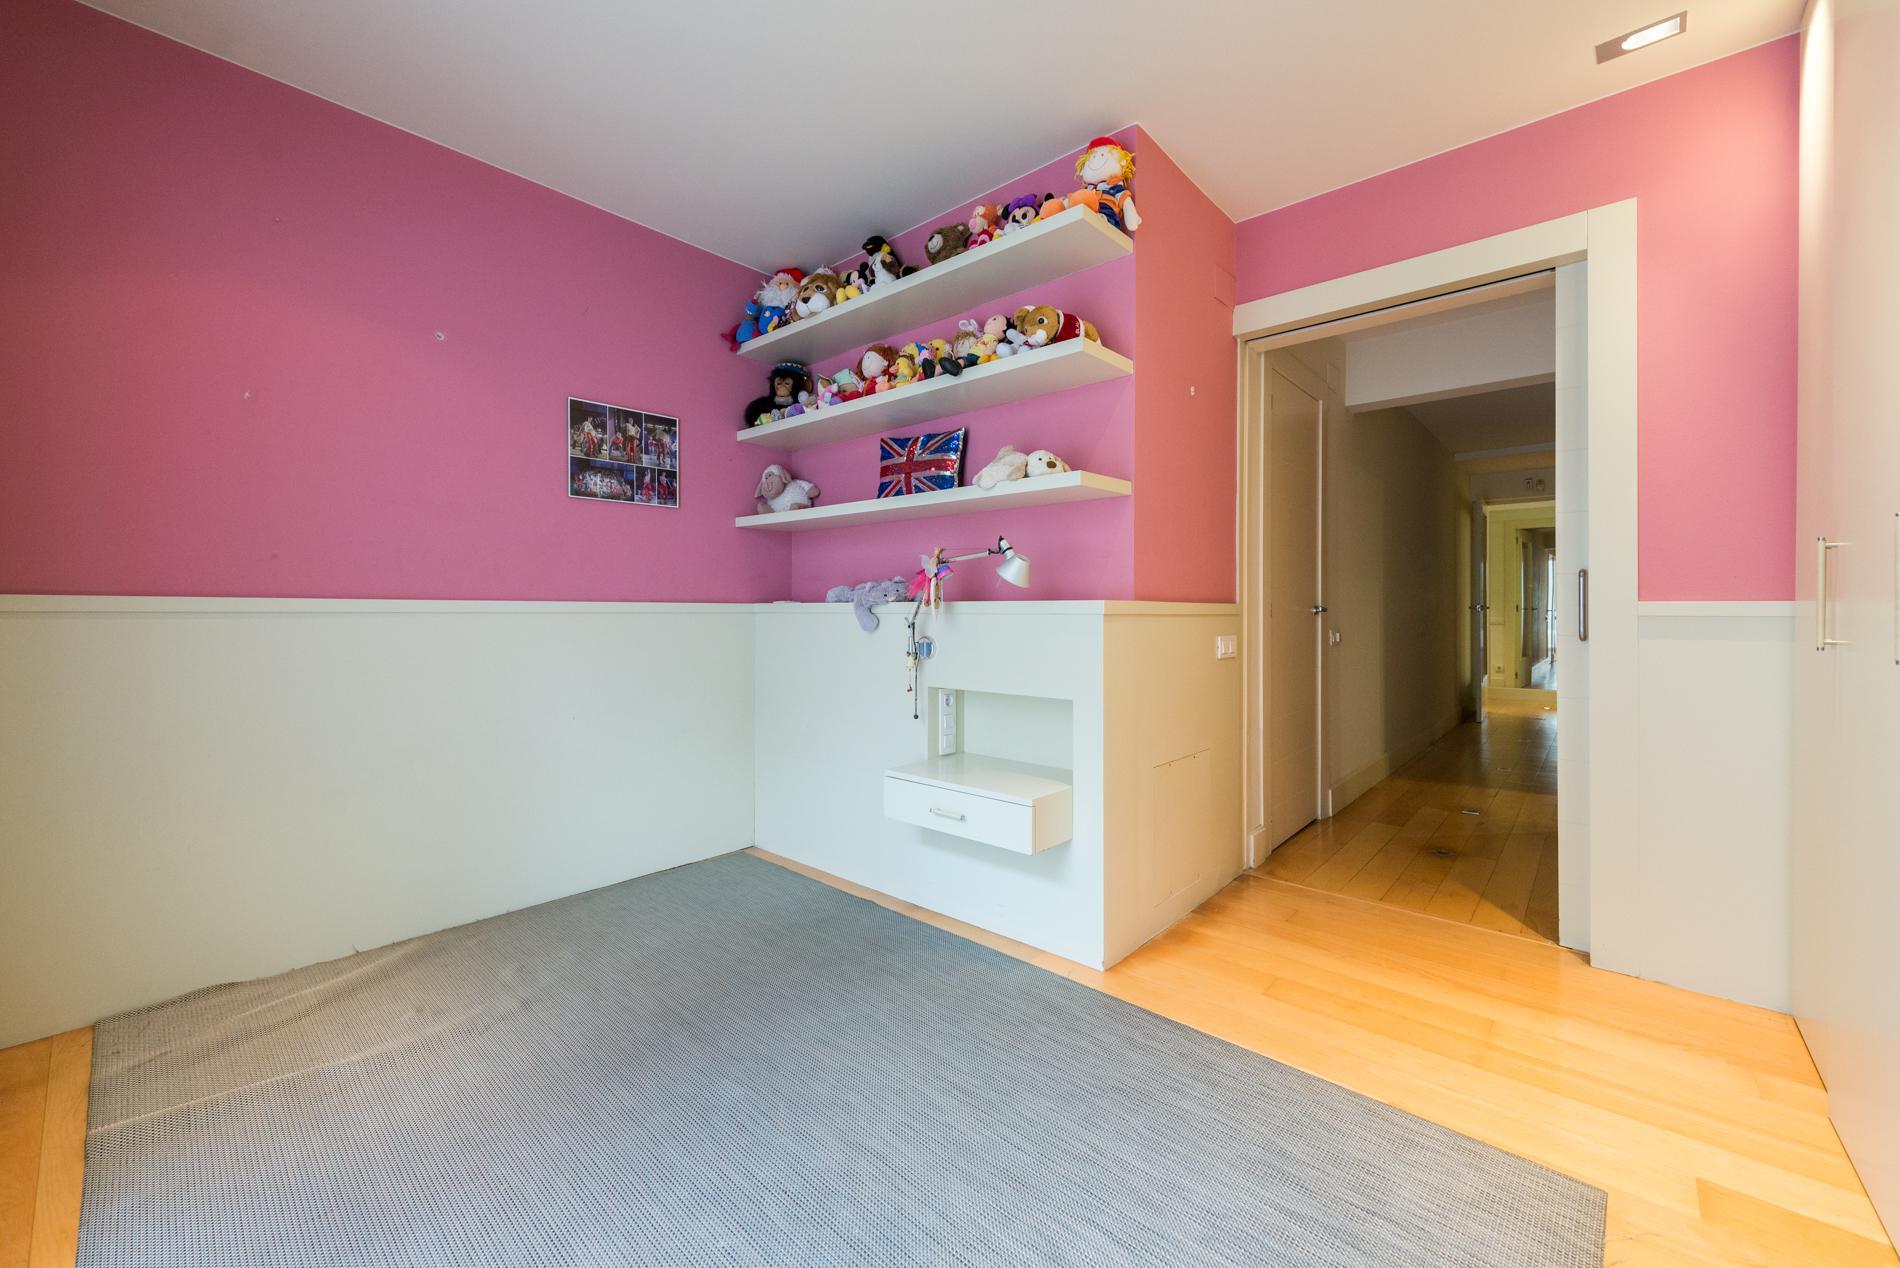 247761 Ground Floor for sale in Sarrià-Sant Gervasi, St. Gervasi-Bonanova 21